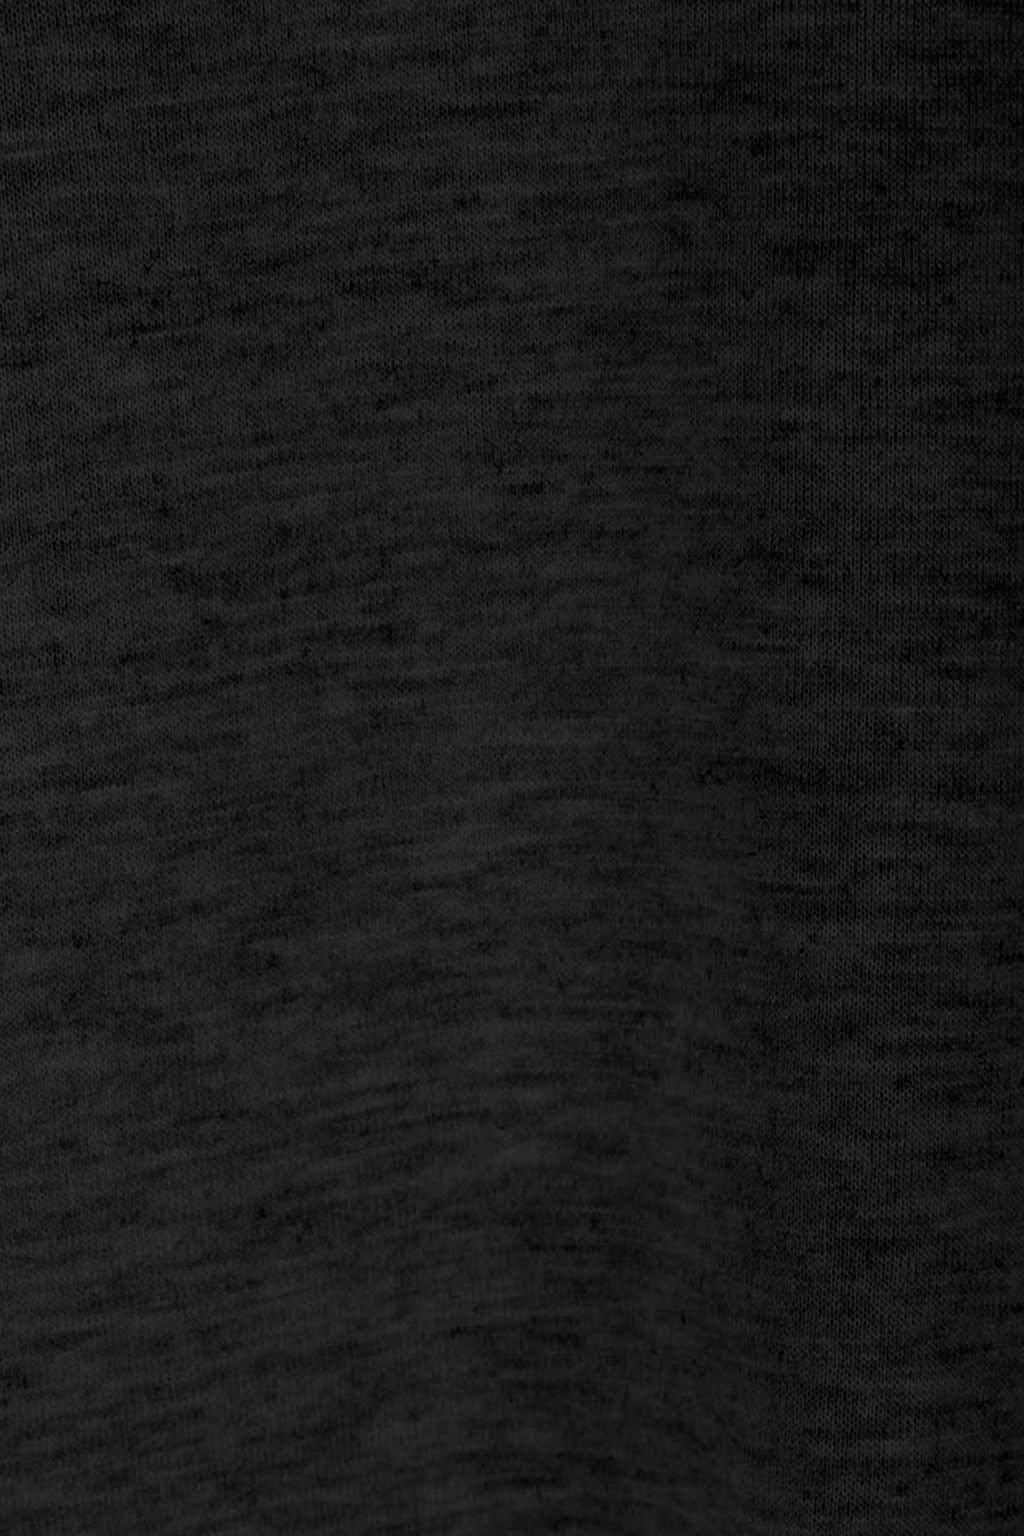 TShirt 1372 Black 7